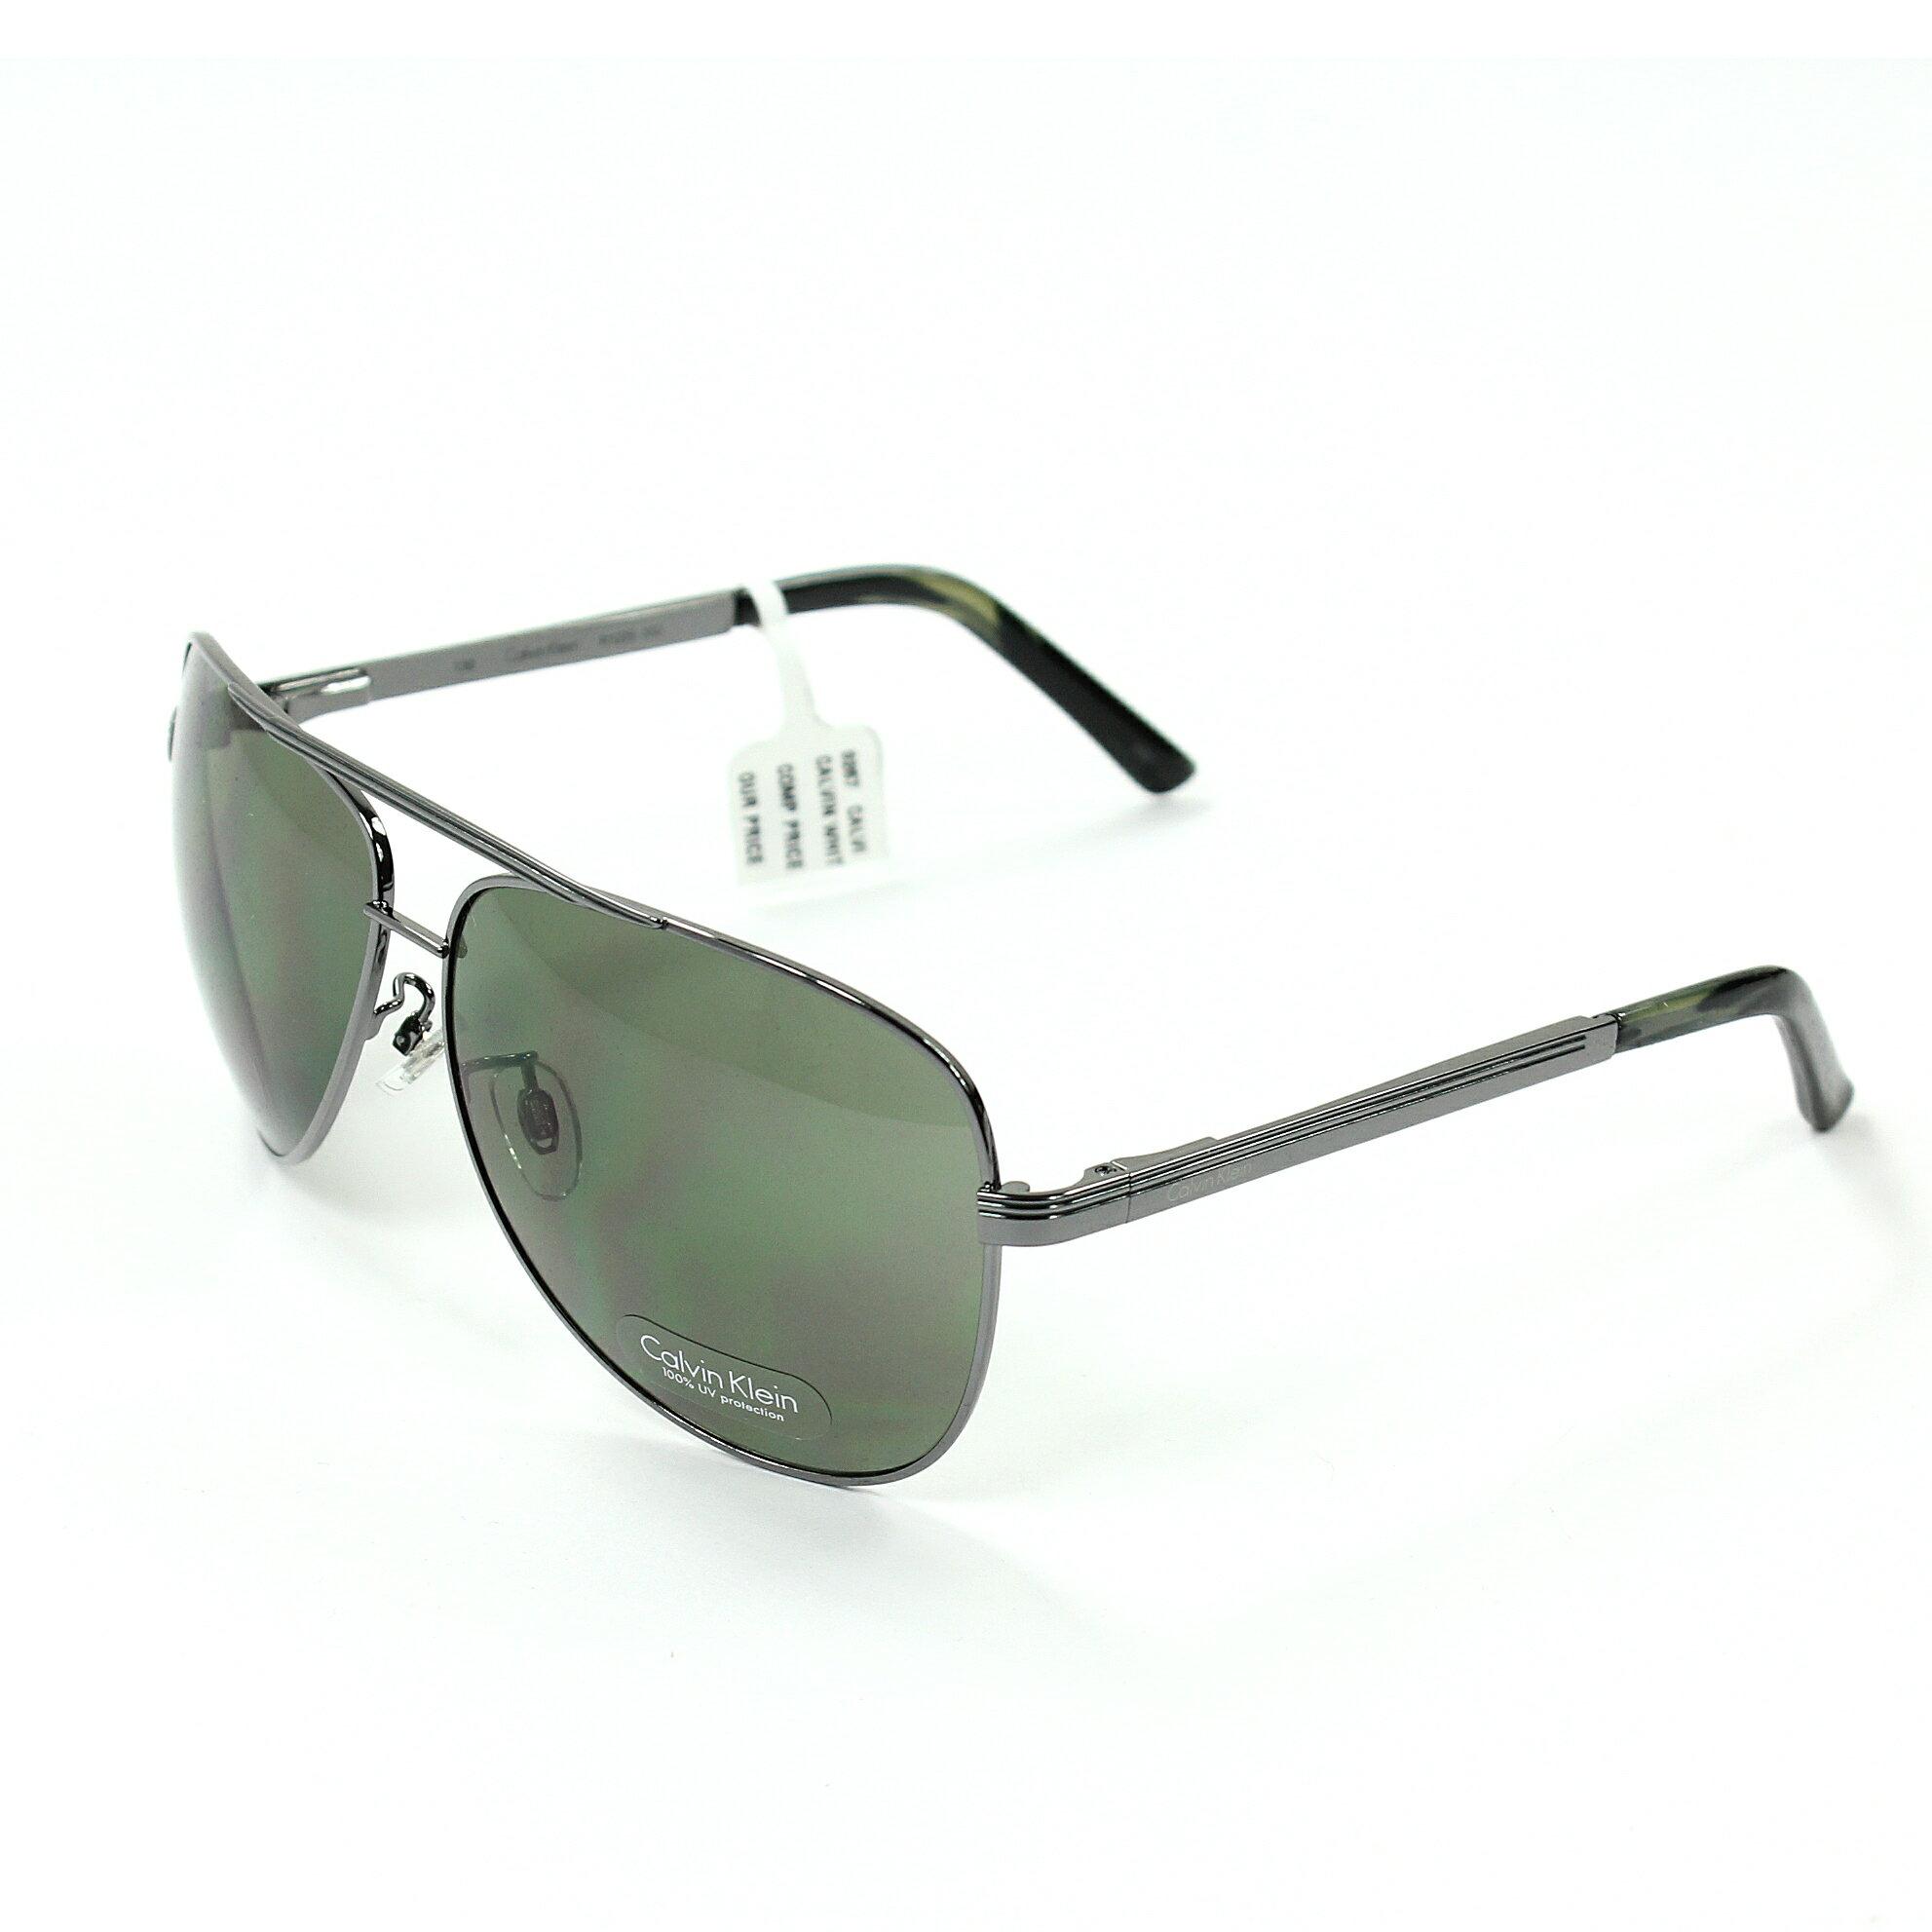 美國百分百【全新真品】Calvin Klein 眼鏡 CK 太陽眼鏡 墨鏡 藍綠 飛行 玳瑁 抗UV 男 女 E089